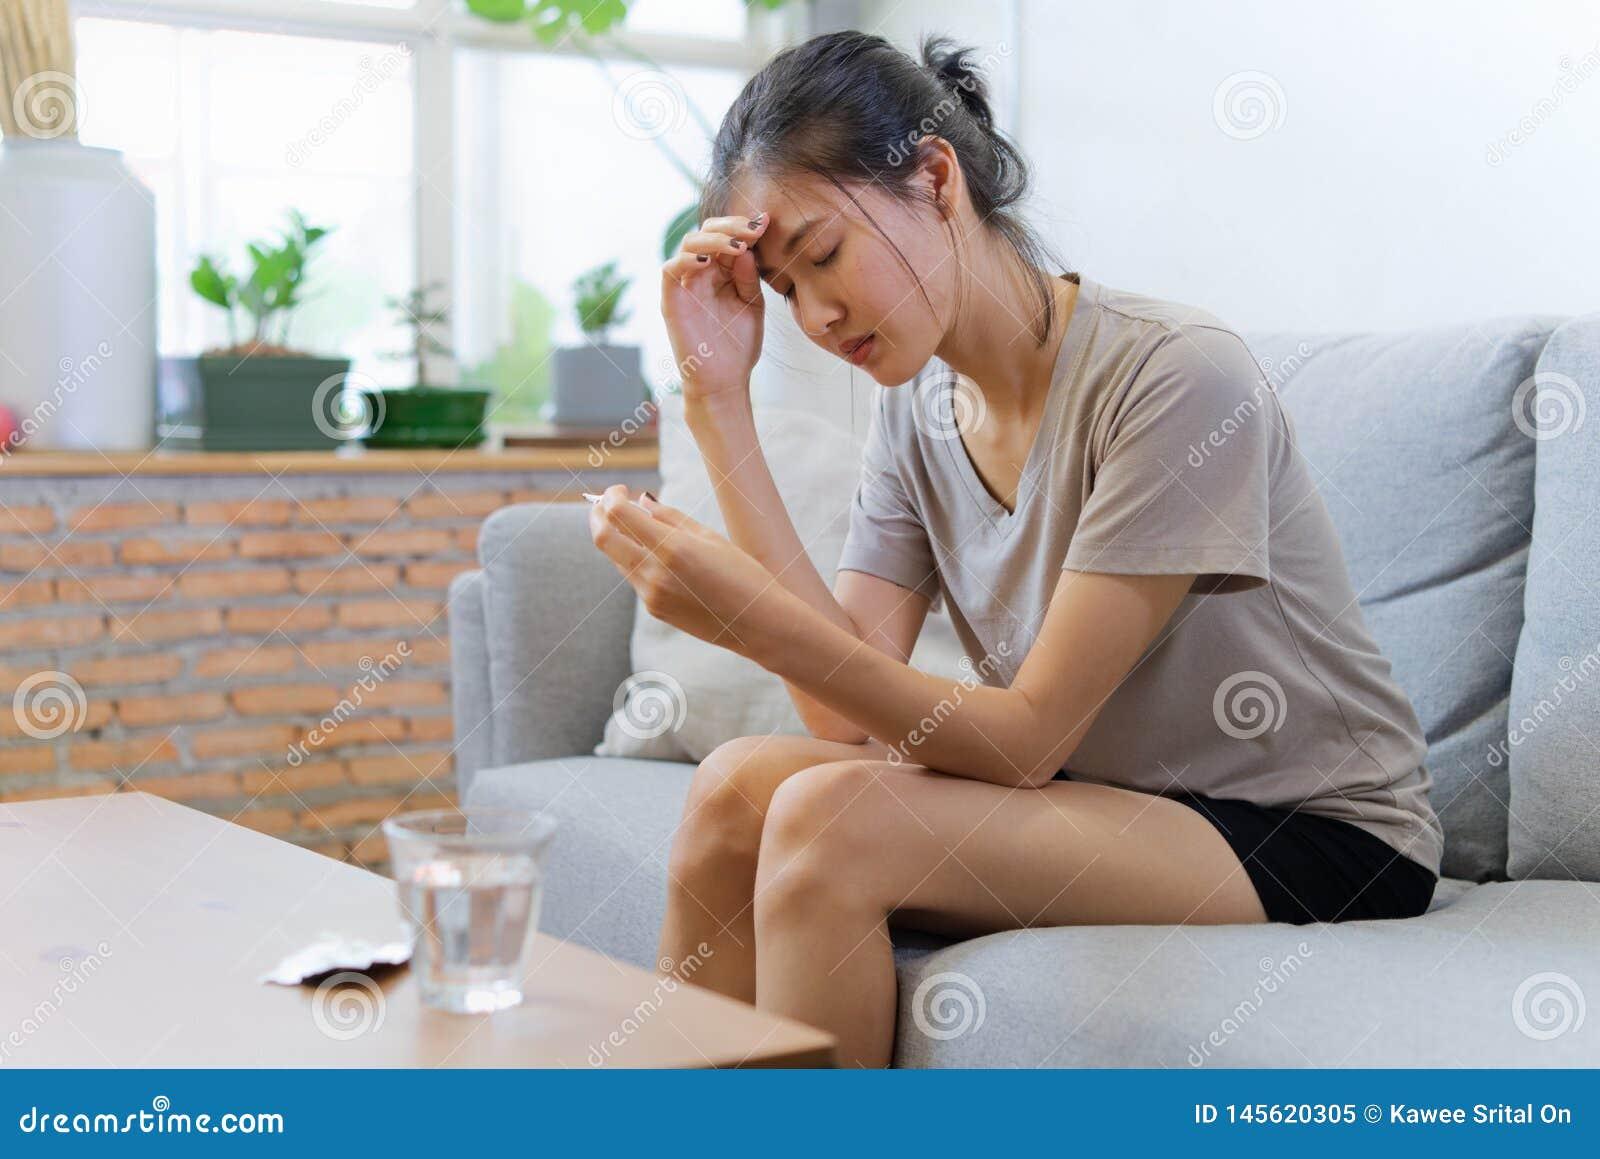 Młode Azjatyckie kobiety na kanapie zamyka ona oczy cierpią od migreny i niektóre febrę